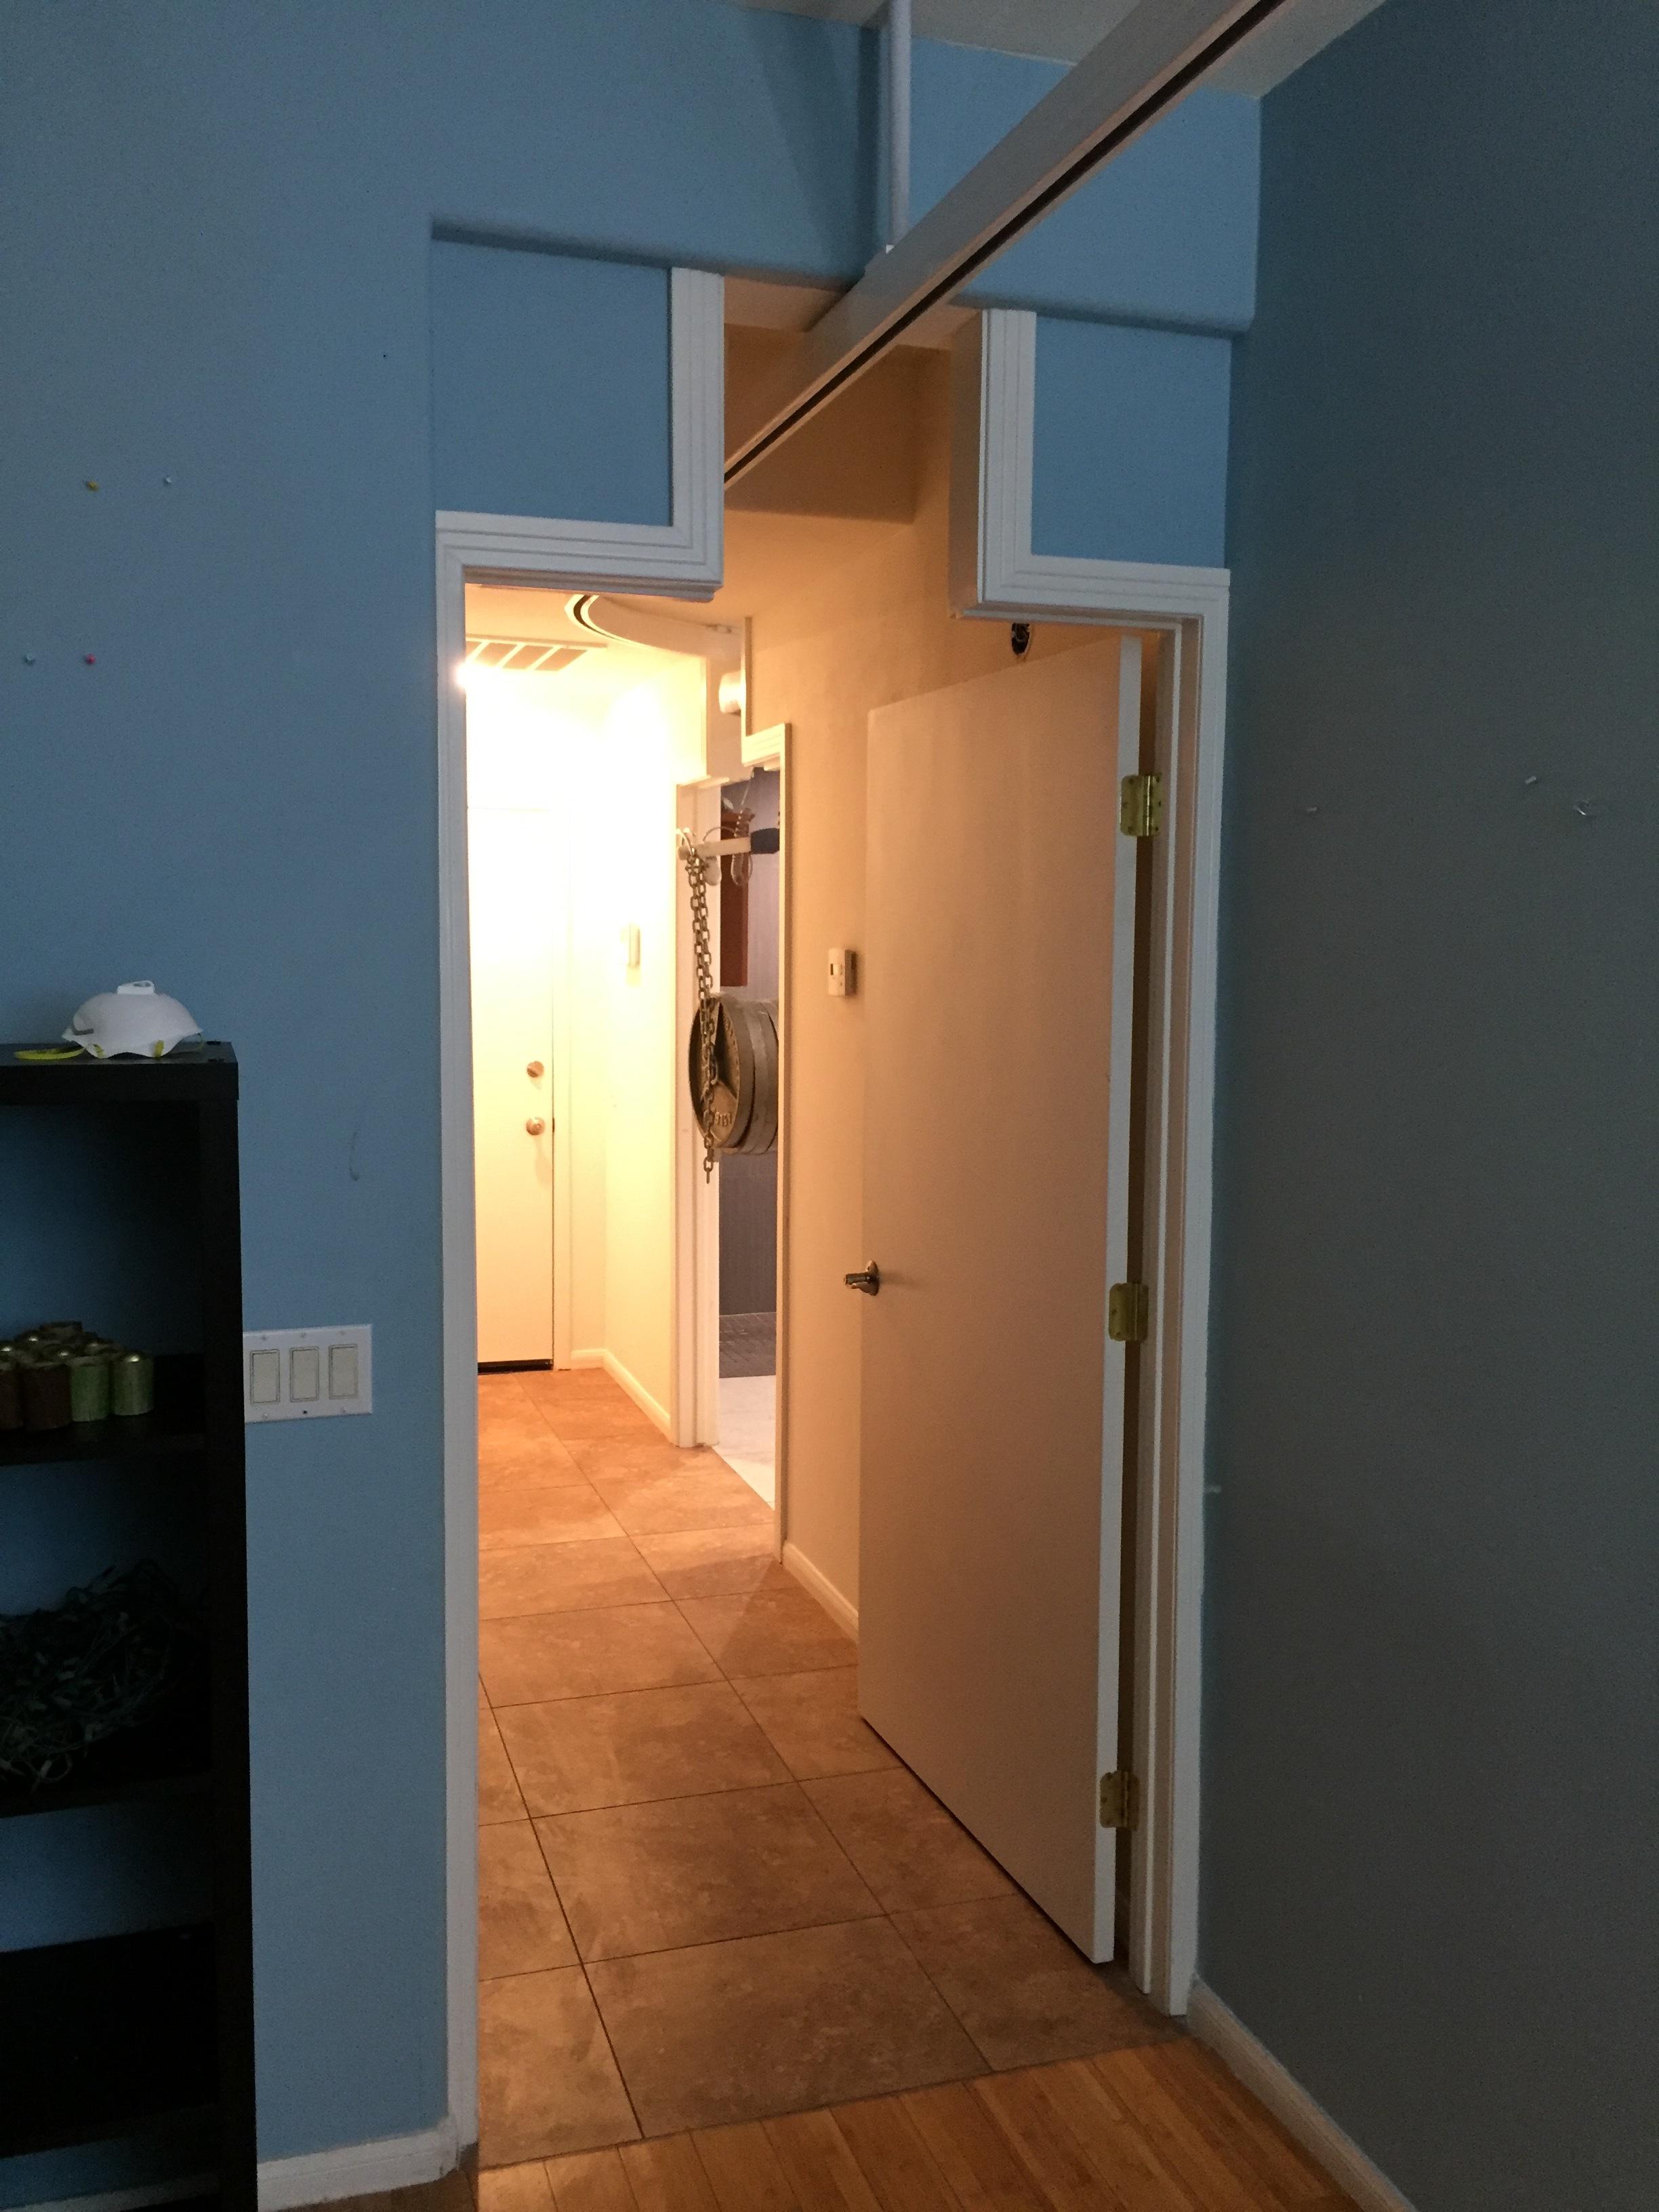 Patient lift track through door